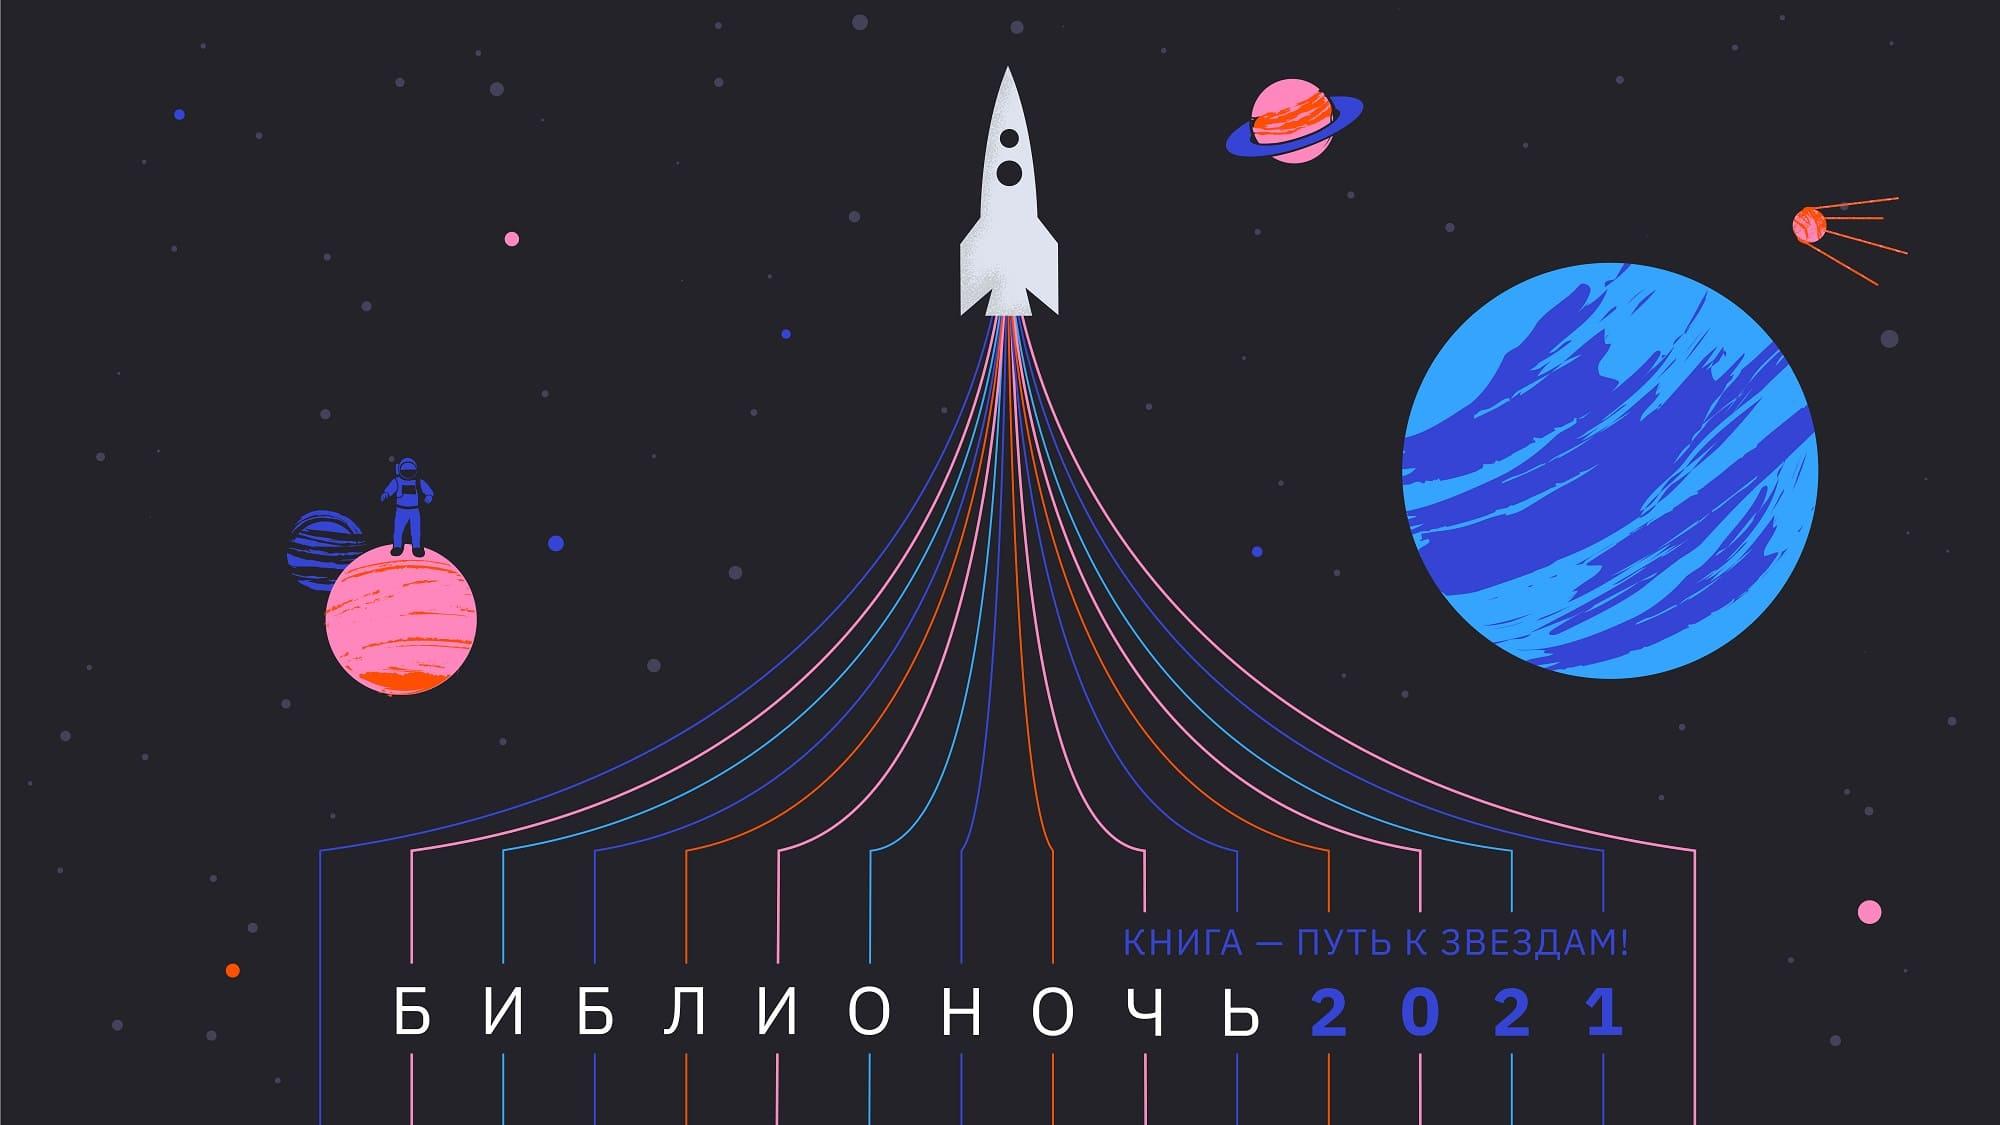 Библионочь – 2021